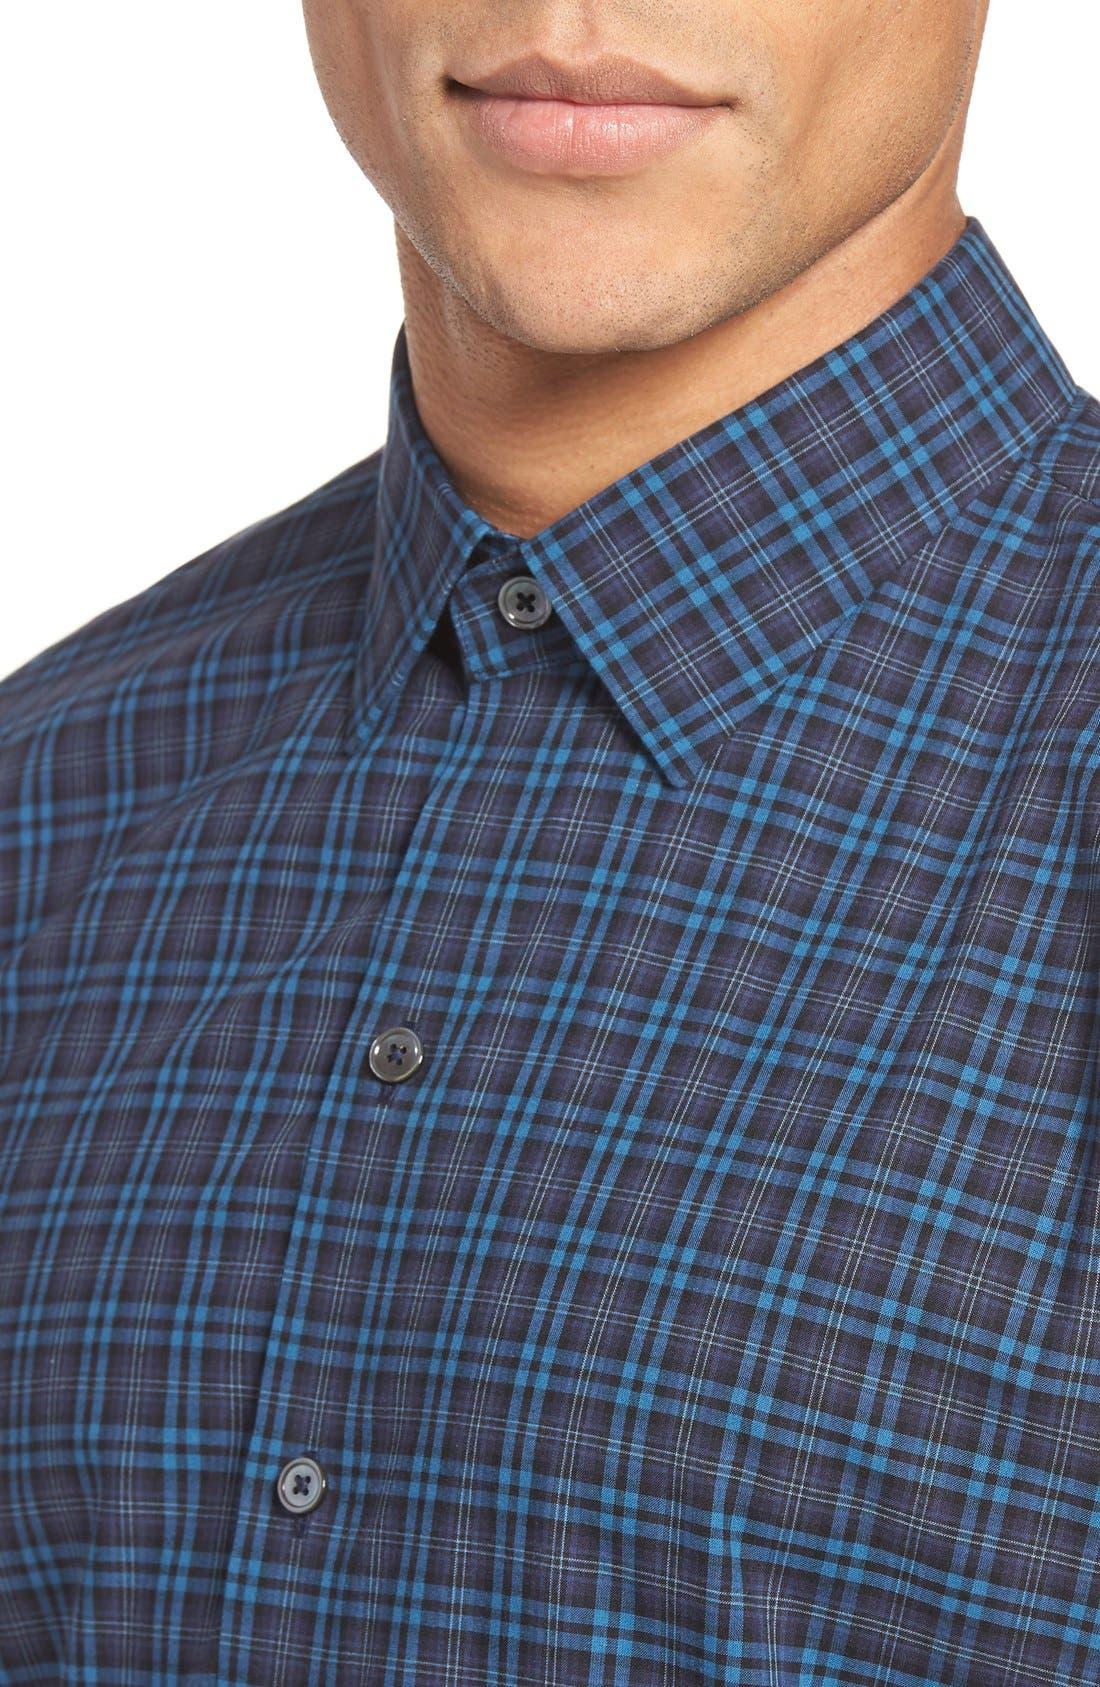 Adler Trim Fit Plaid Sport Shirt,                             Alternate thumbnail 3, color,                             402